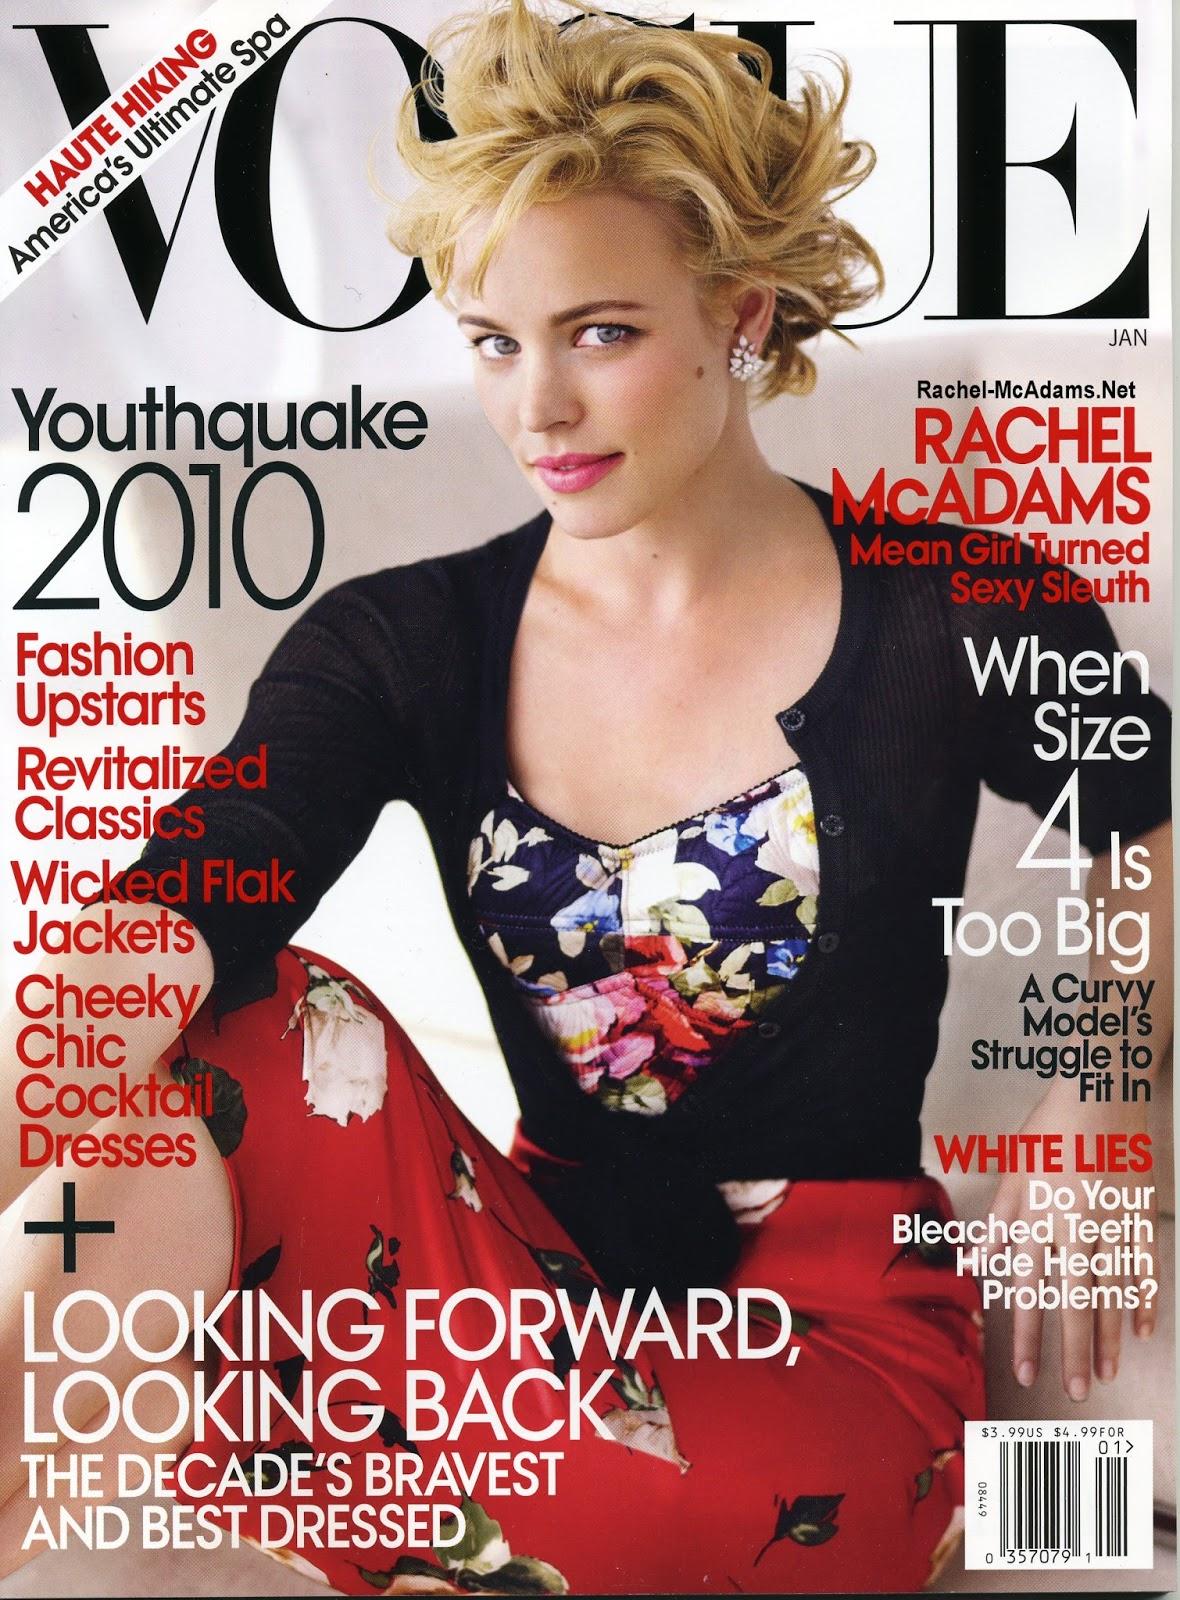 Vogue's Covers: Vogue US